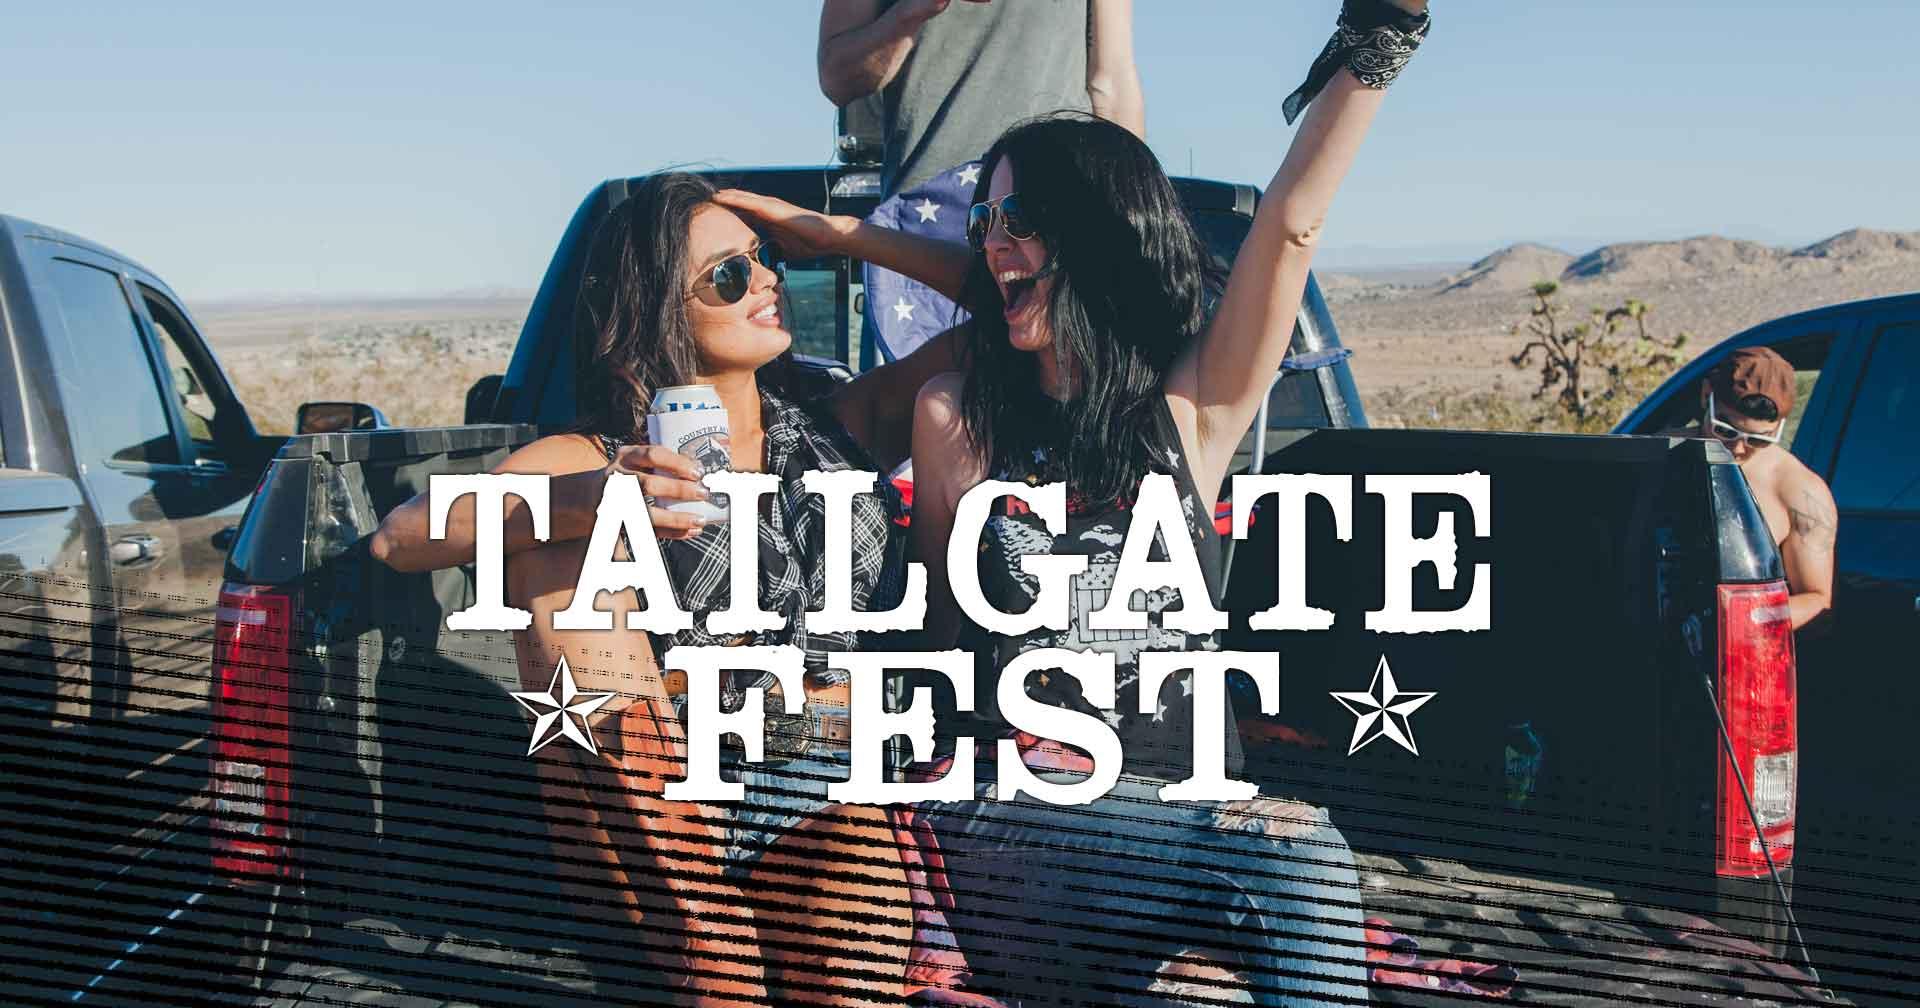 https://latailgatefest.com/